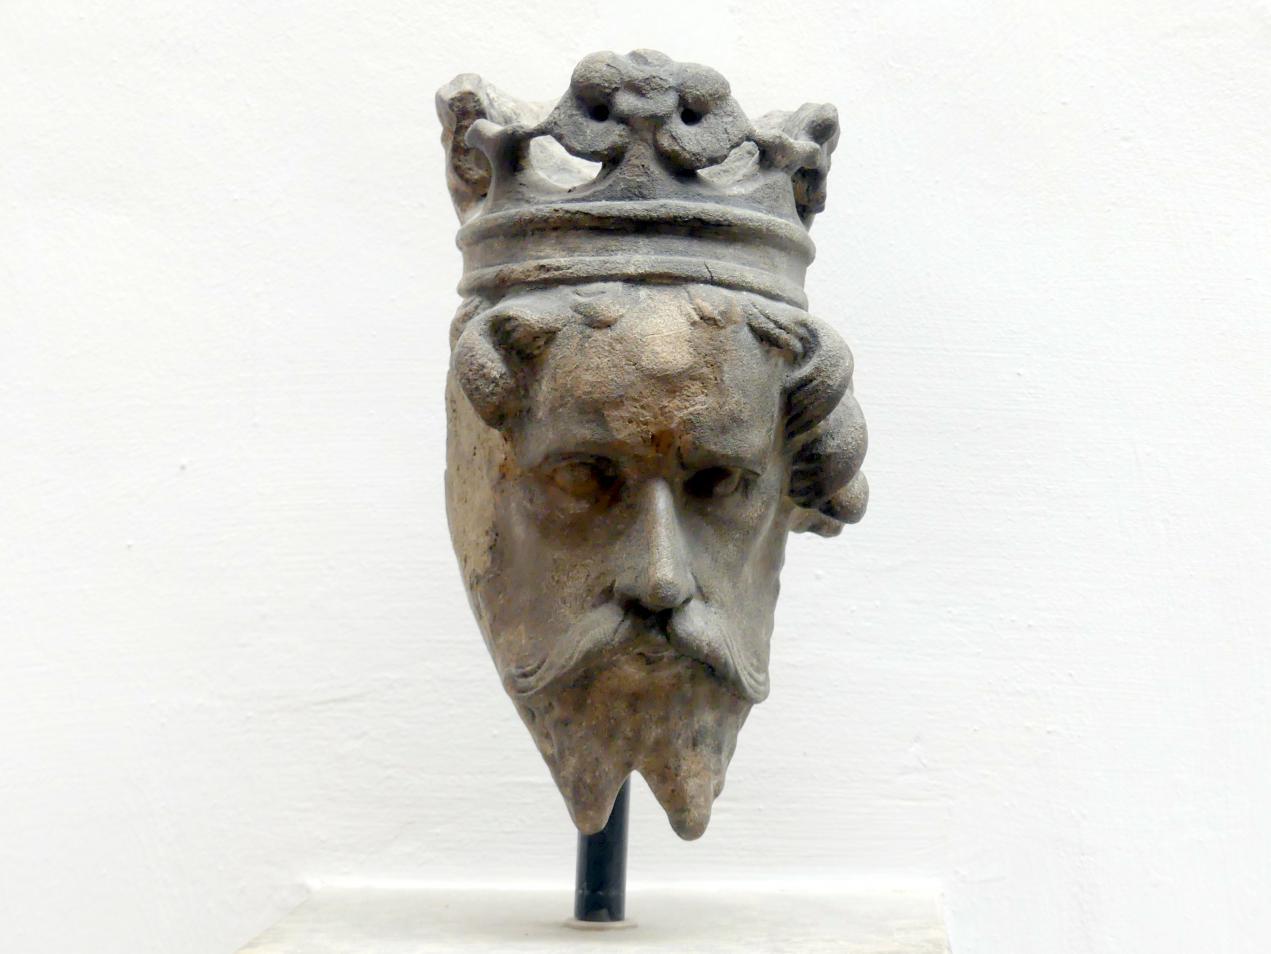 Kopf des Königs Artus, um 1385 - 1392